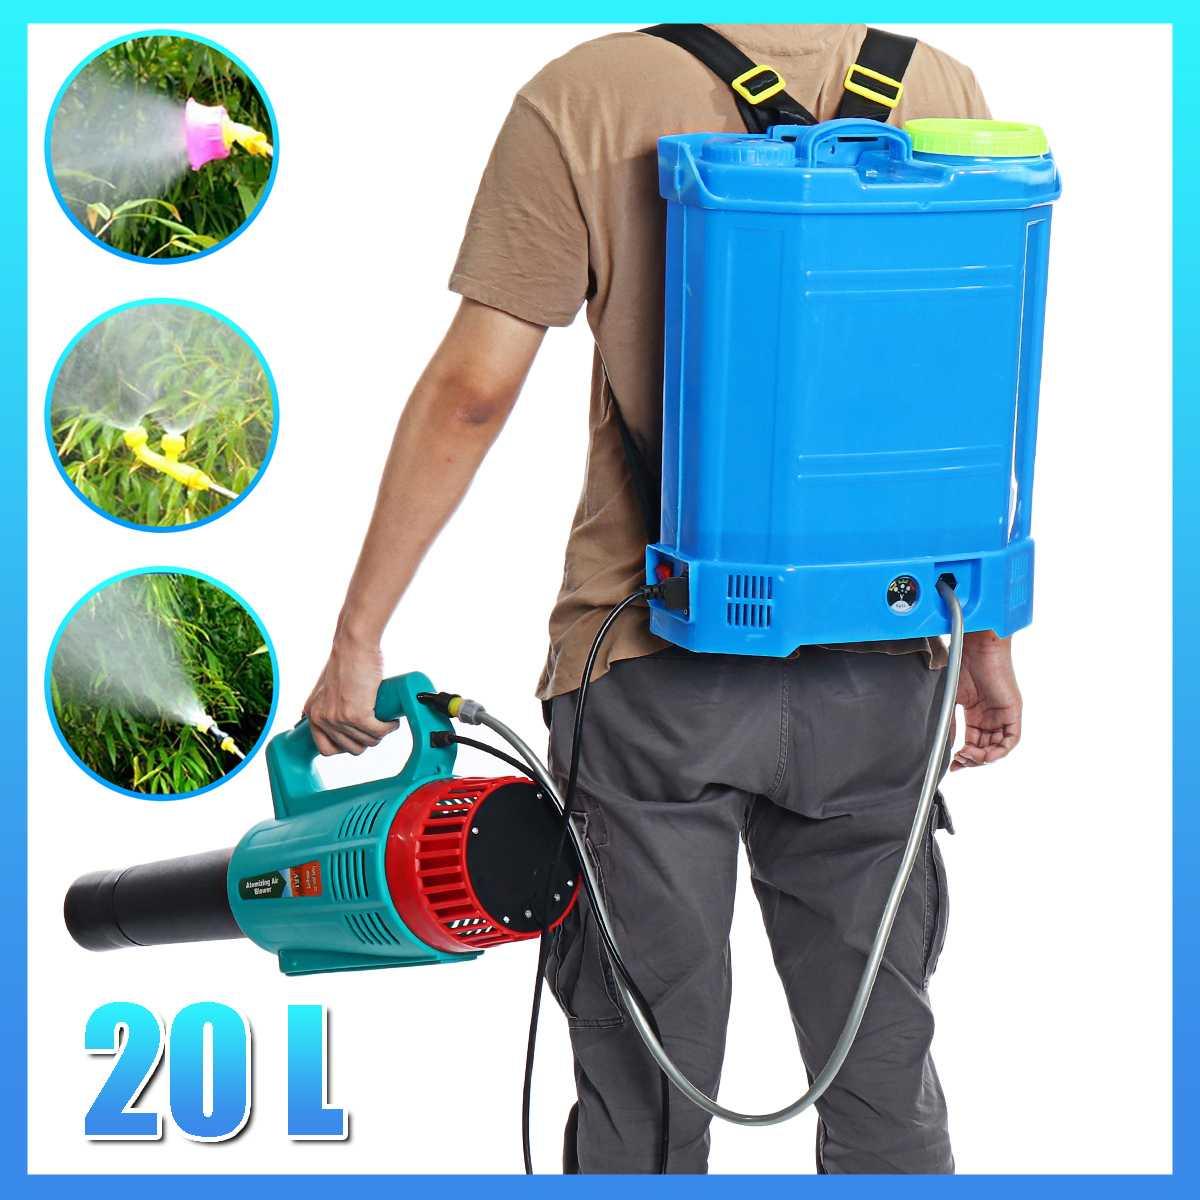 Agricultural Pesticide Spray Equipment Backpack Garden Intelligent Sprayer Knapsack 20 Litre 12v 220v Battery Electric ULV Foger-0